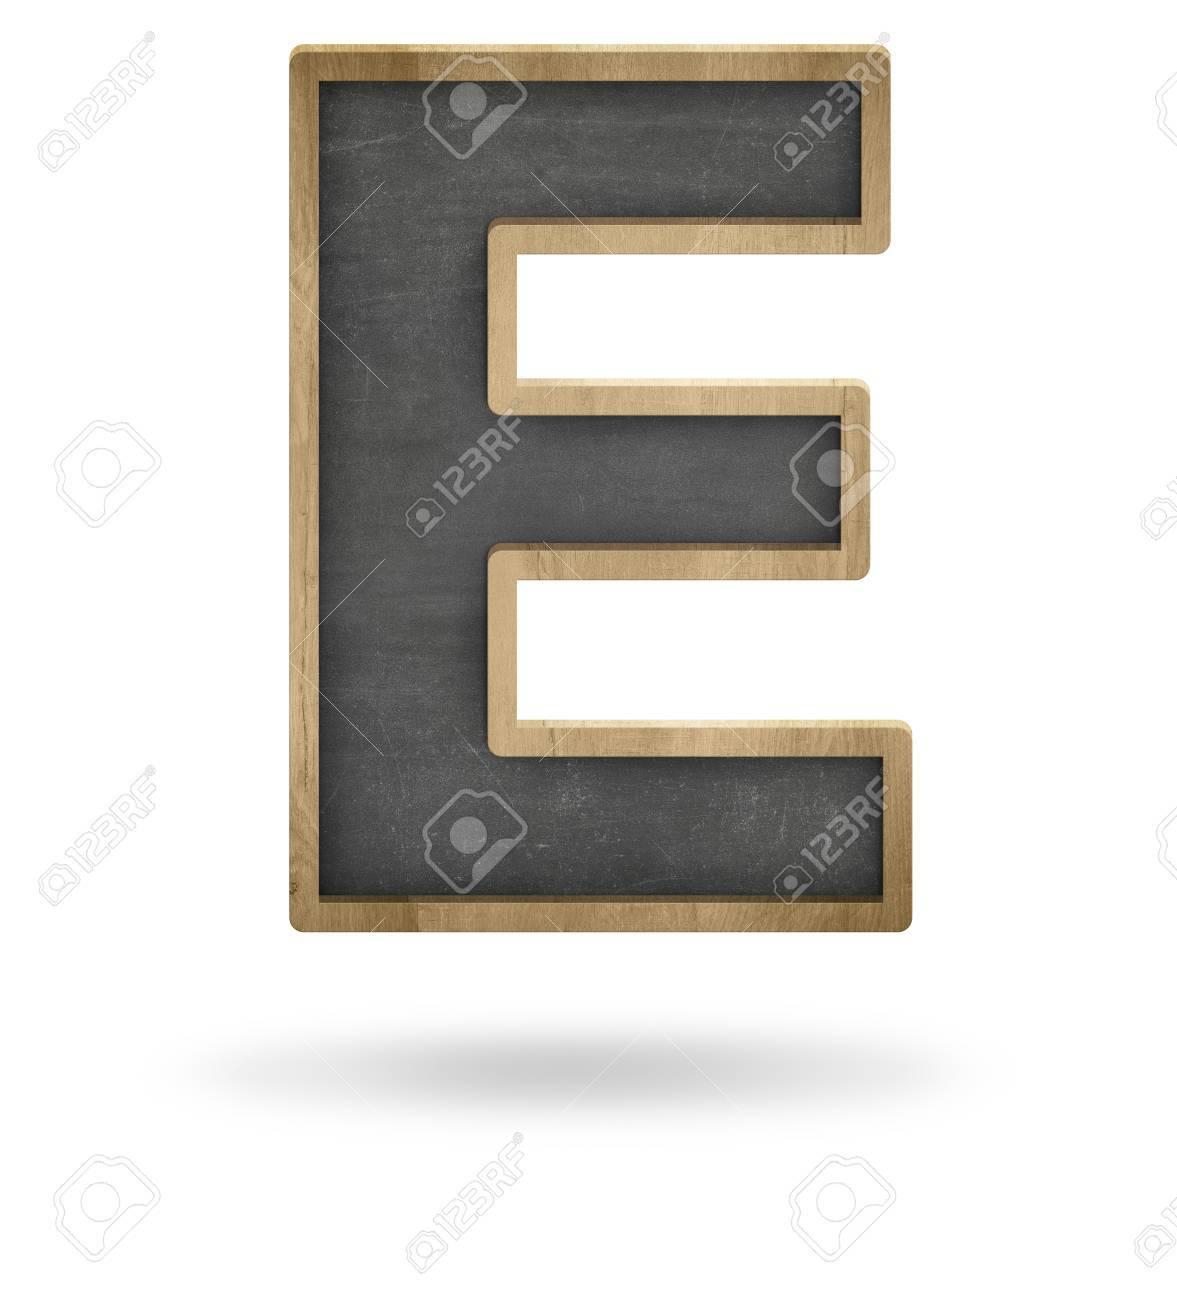 Black Blank Letter E Shape Blackboard On White Background Stock